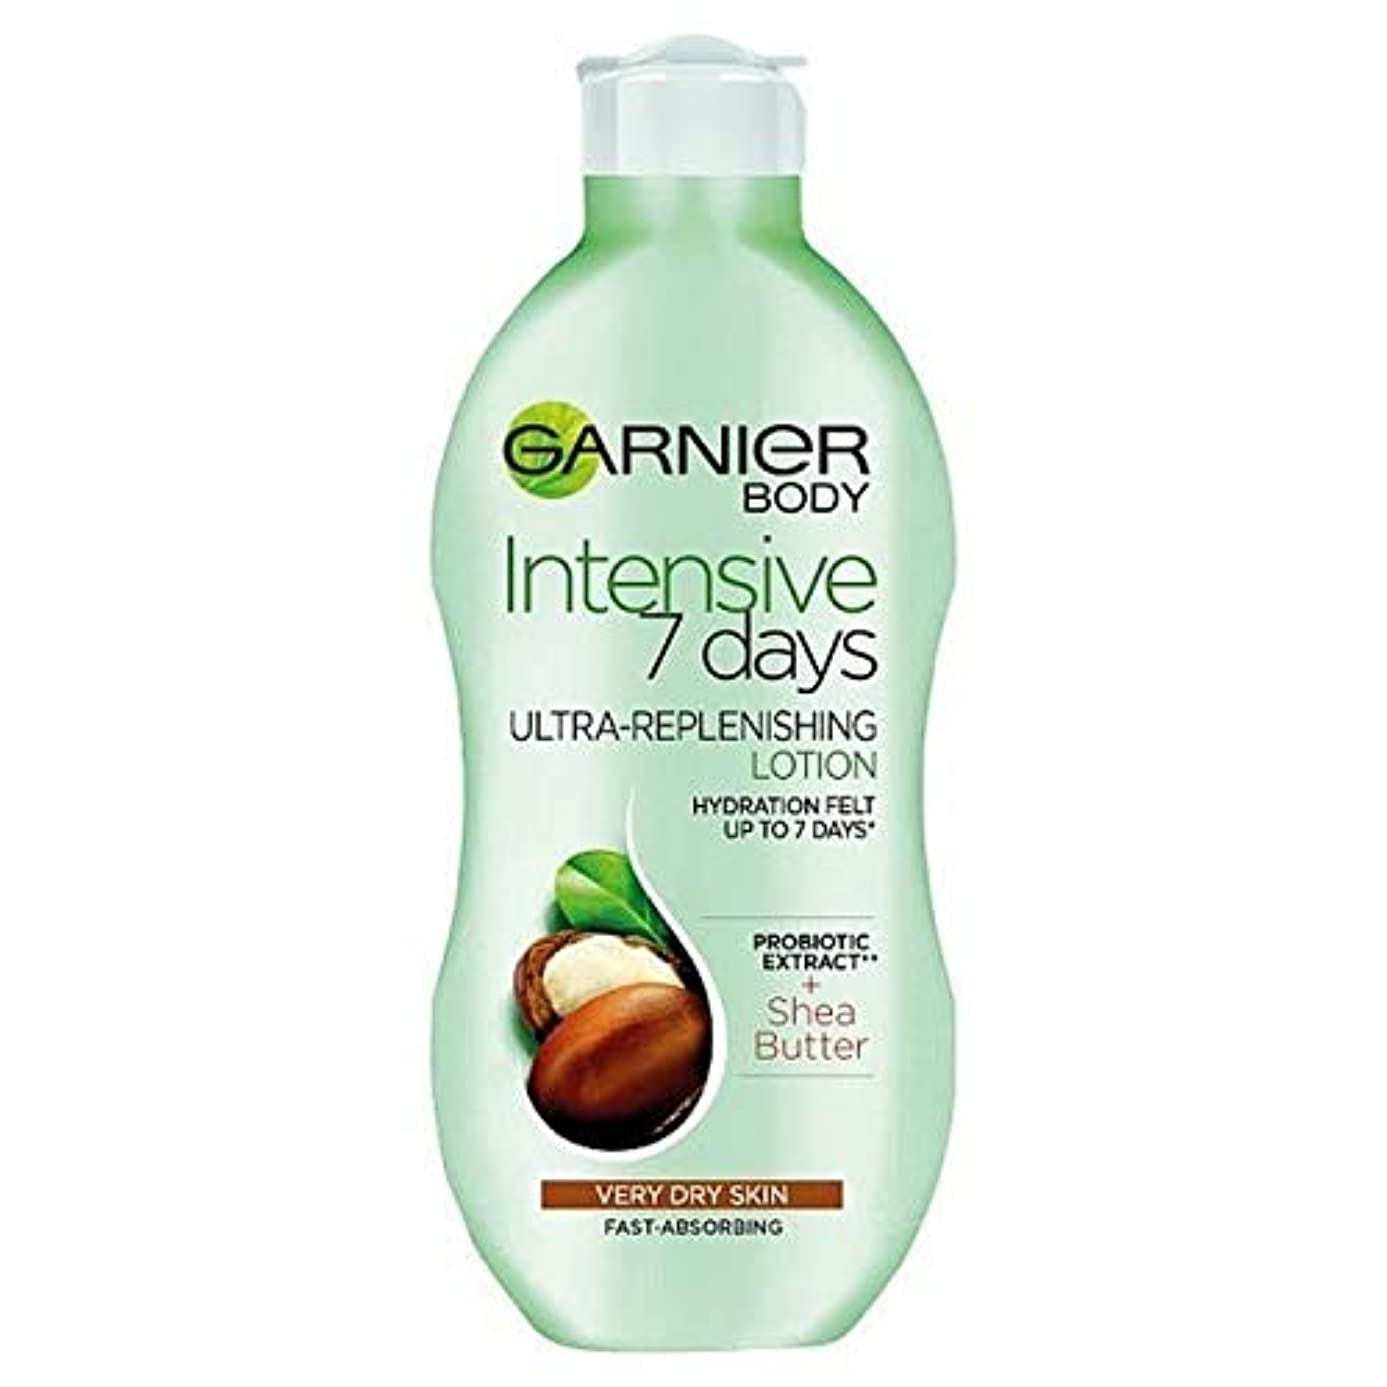 象エンジニアリング差別的[Garnier ] ガルニエの集中7日間シアボディローション乾燥肌用400ミリリットル - Garnier Intensive 7 Days Shea Body Lotion Dry Skin 400ml [並行輸入品]